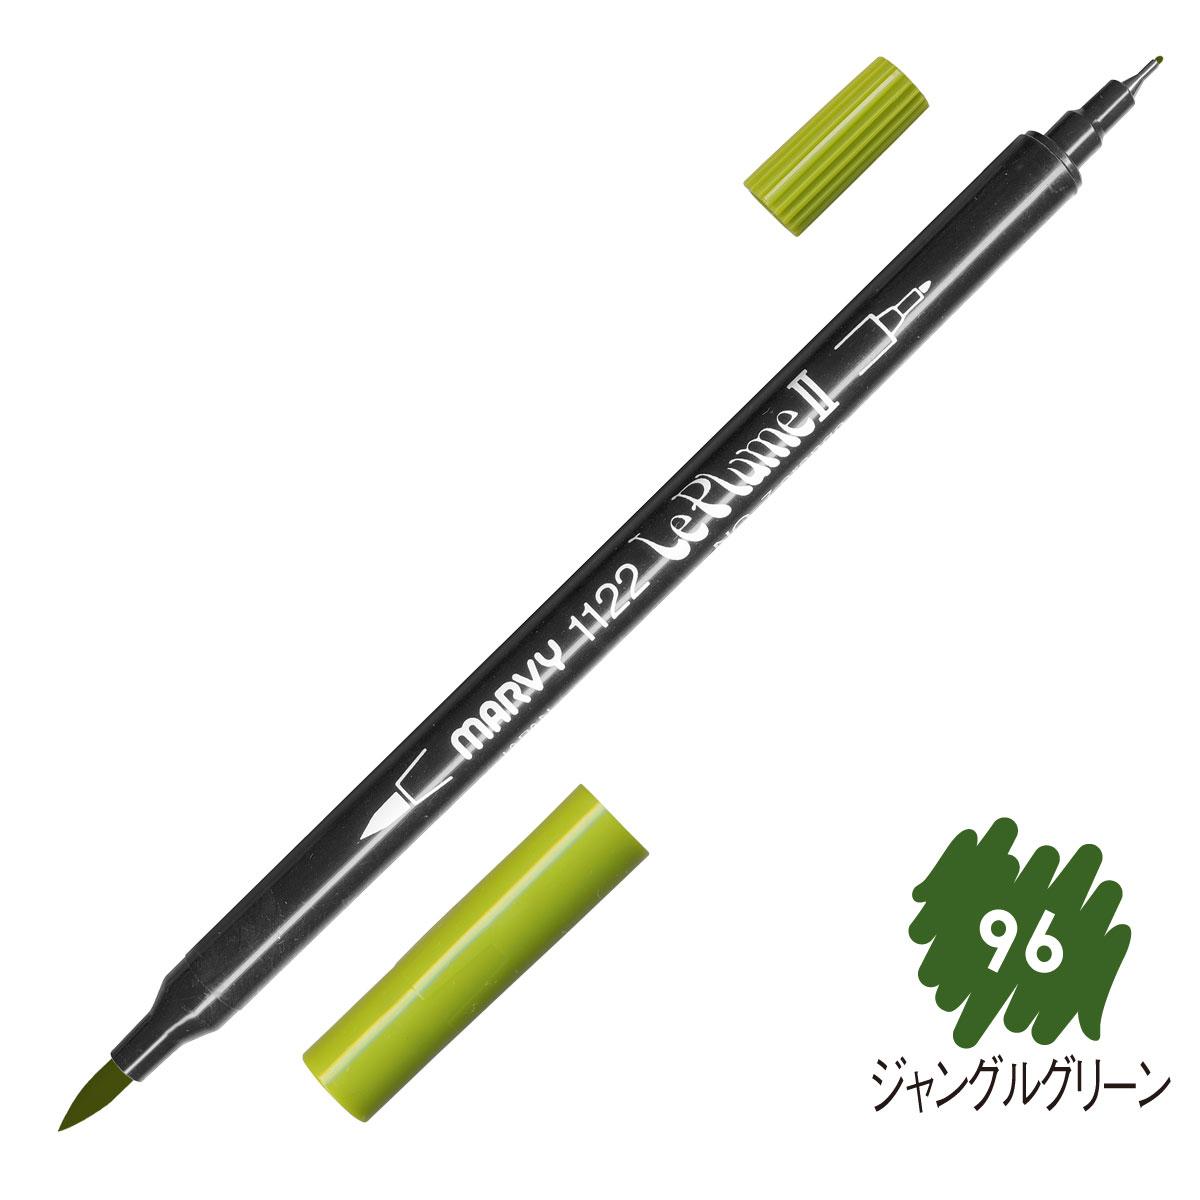 ルプルームII 単品 ジャングルグリーン(96)画像